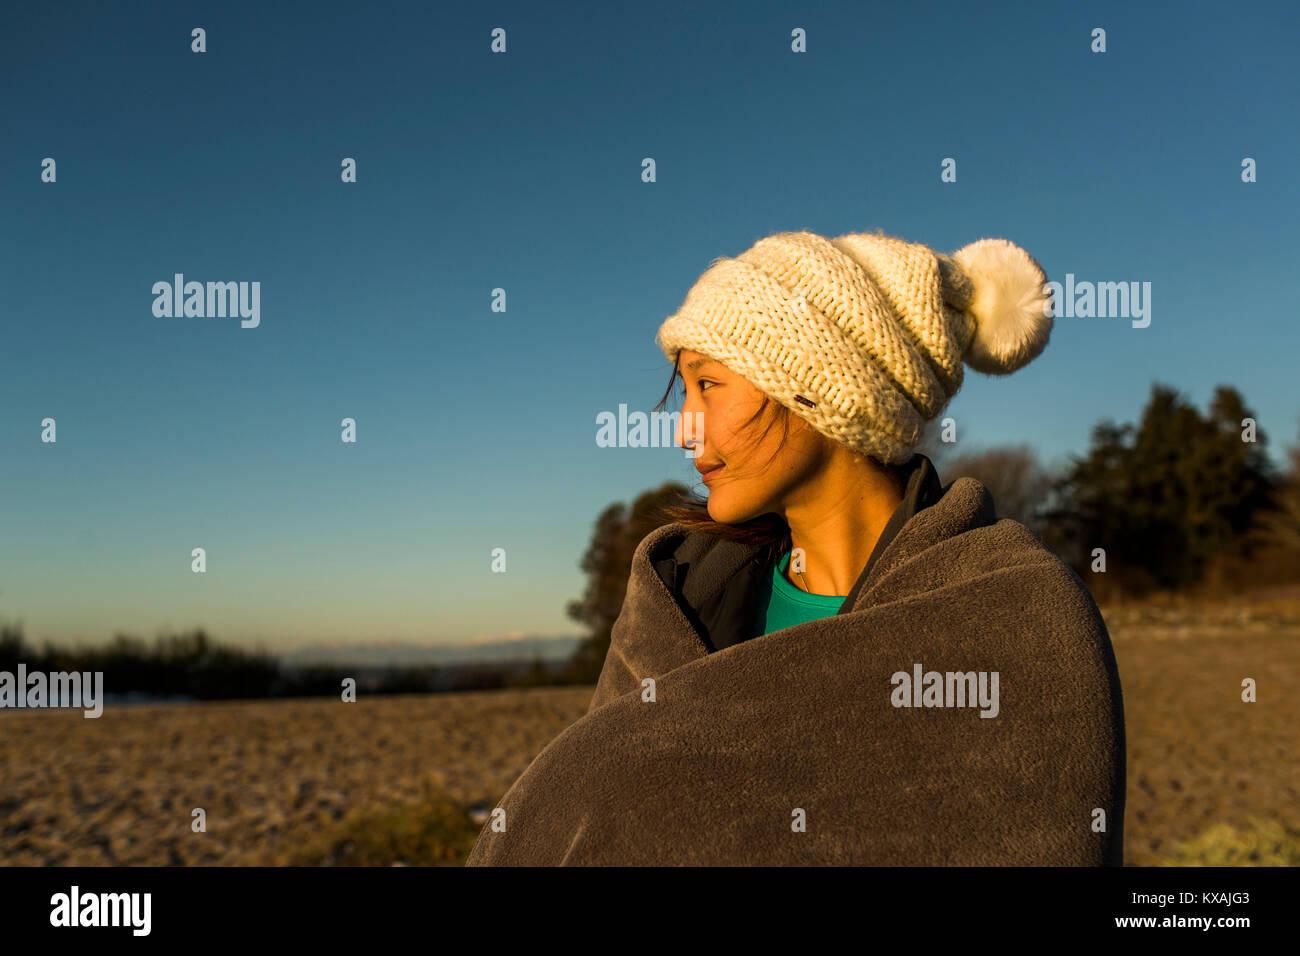 Junge Frau sitzend in gestrickt hat und in der Decke eingewickelt, während nach in Discovery Park, Seattle, Washington Stockfoto